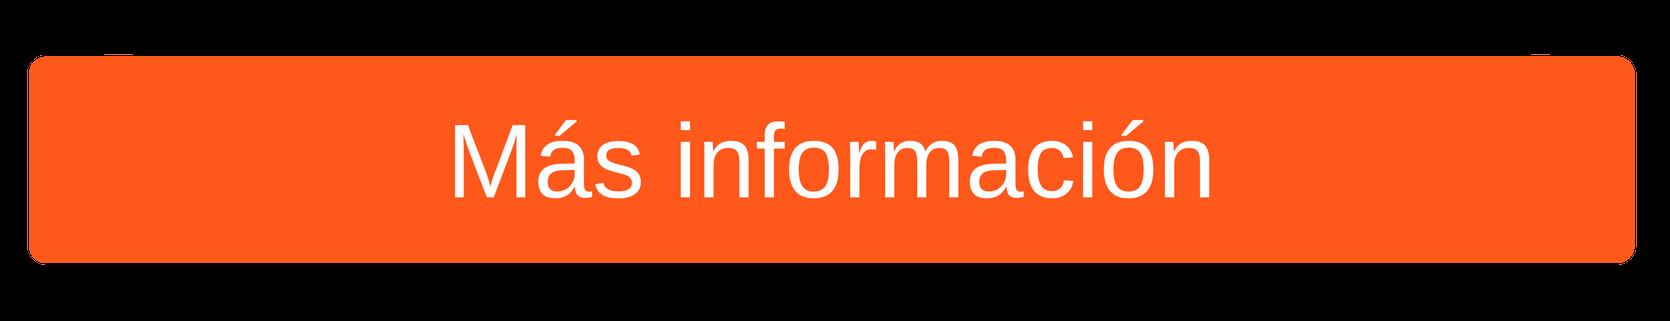 Más información - Altair Finance Fondos de Inversión